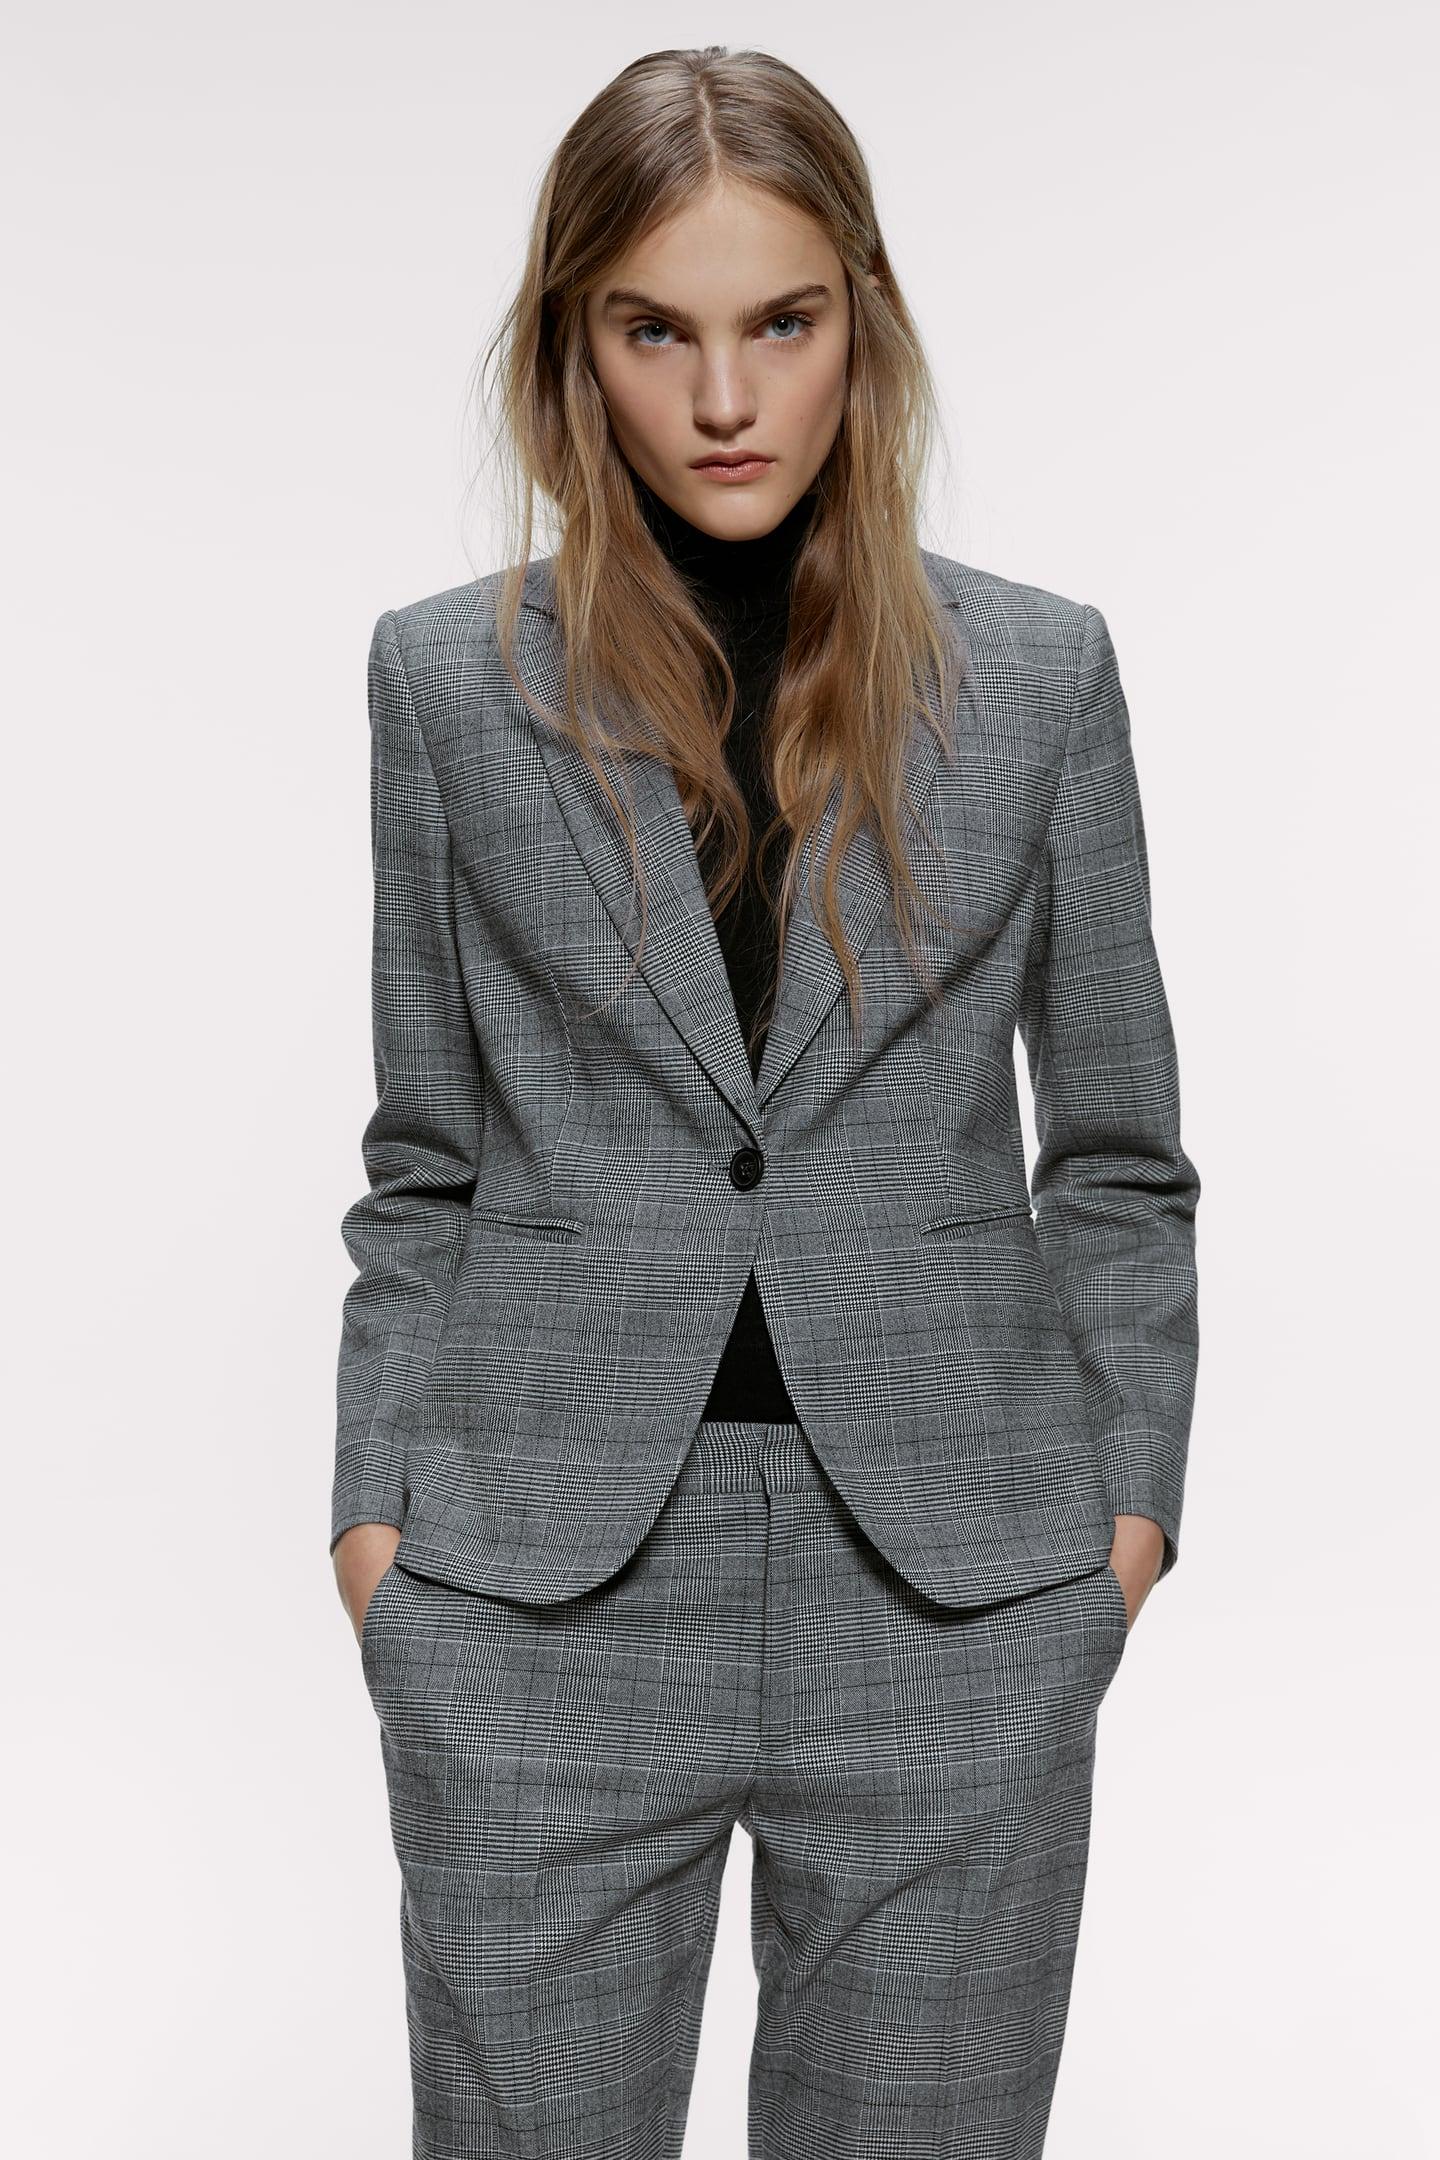 người mẫu zara mặc bộ suit kẻ ô glen trắng đen